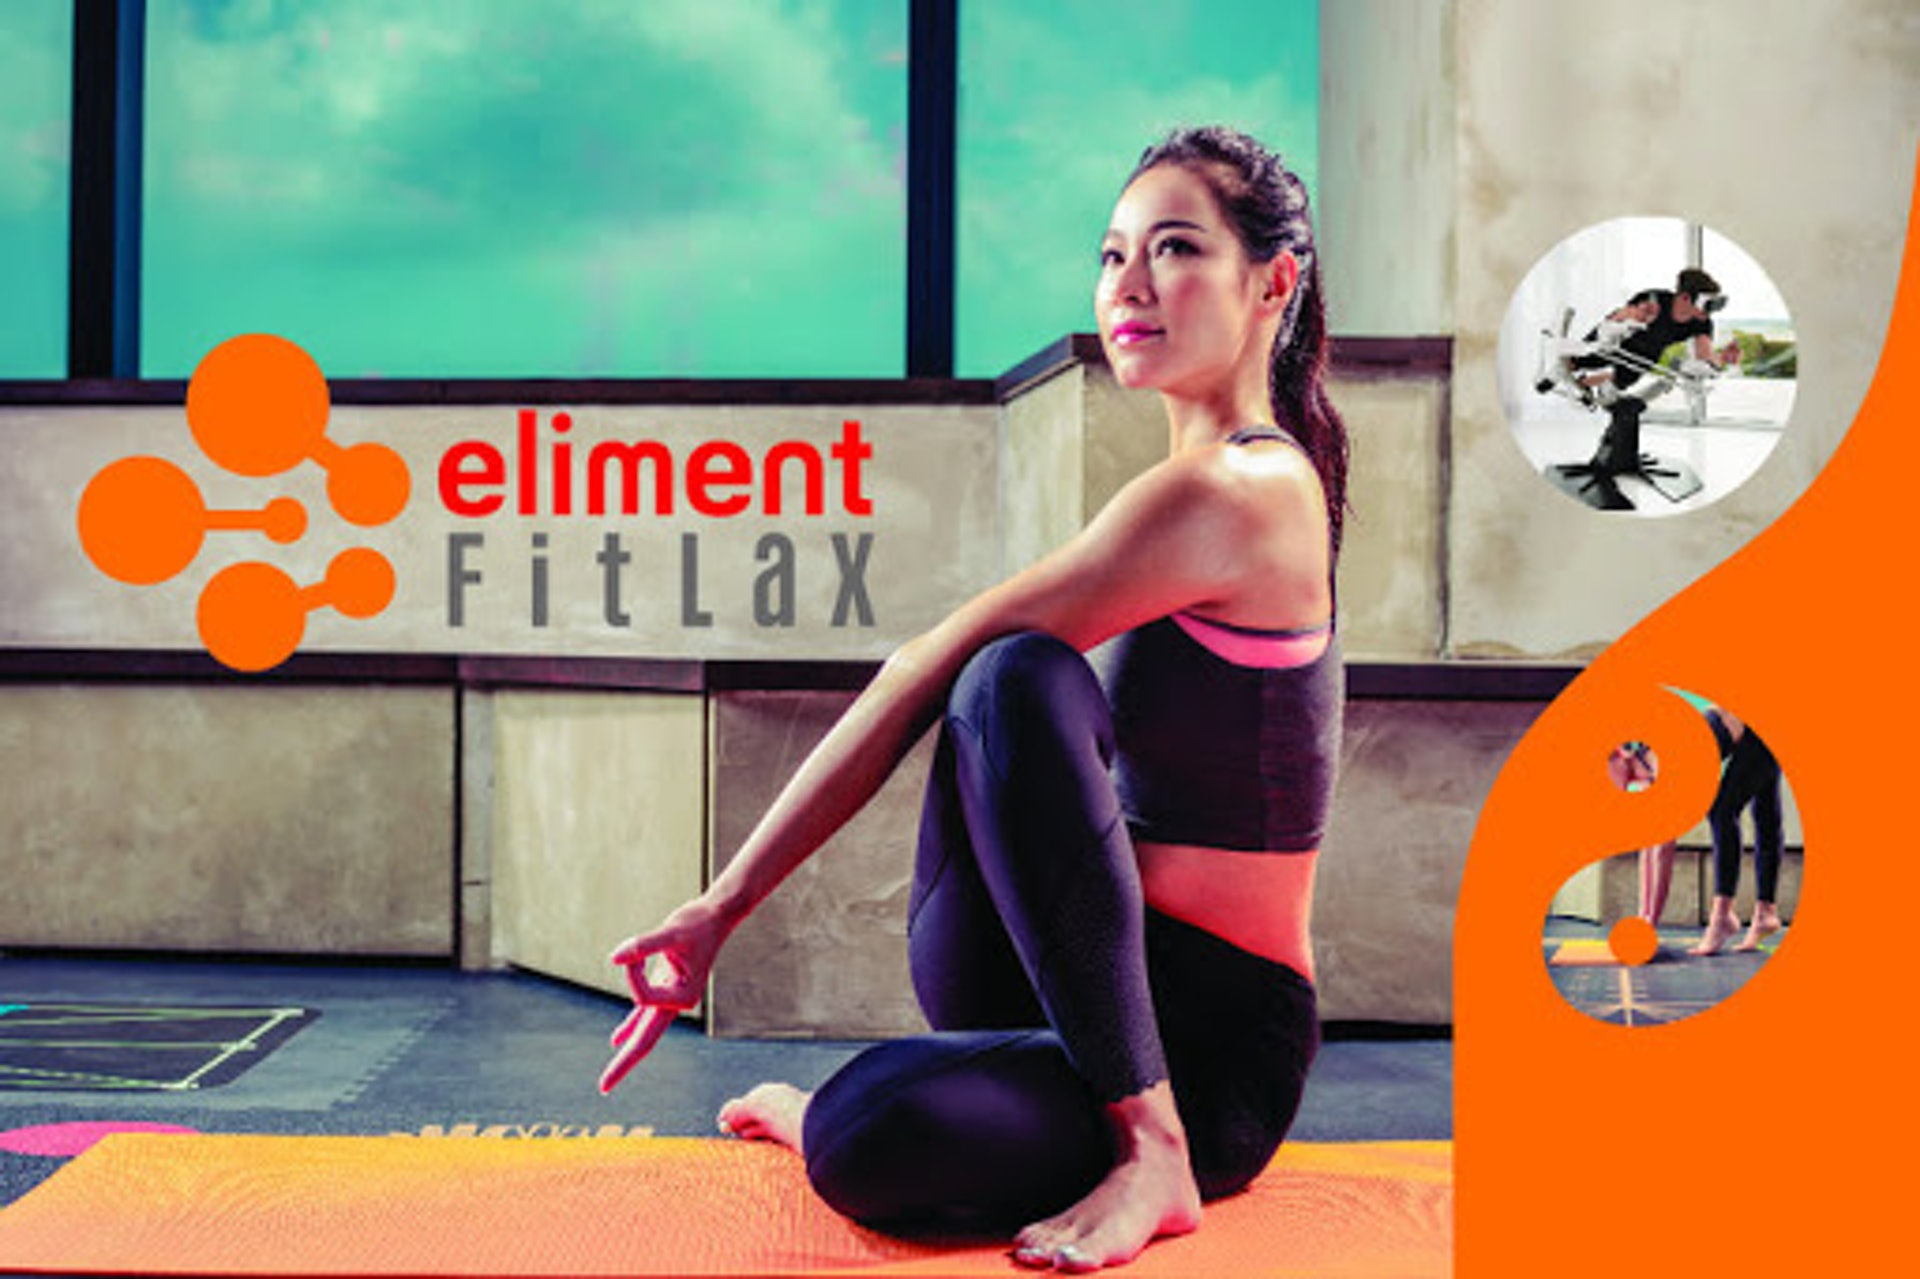 二獎:Eliment Fitlax 14天 Day Pass尊貴會籍 + 2 節個人健身教練指導課程